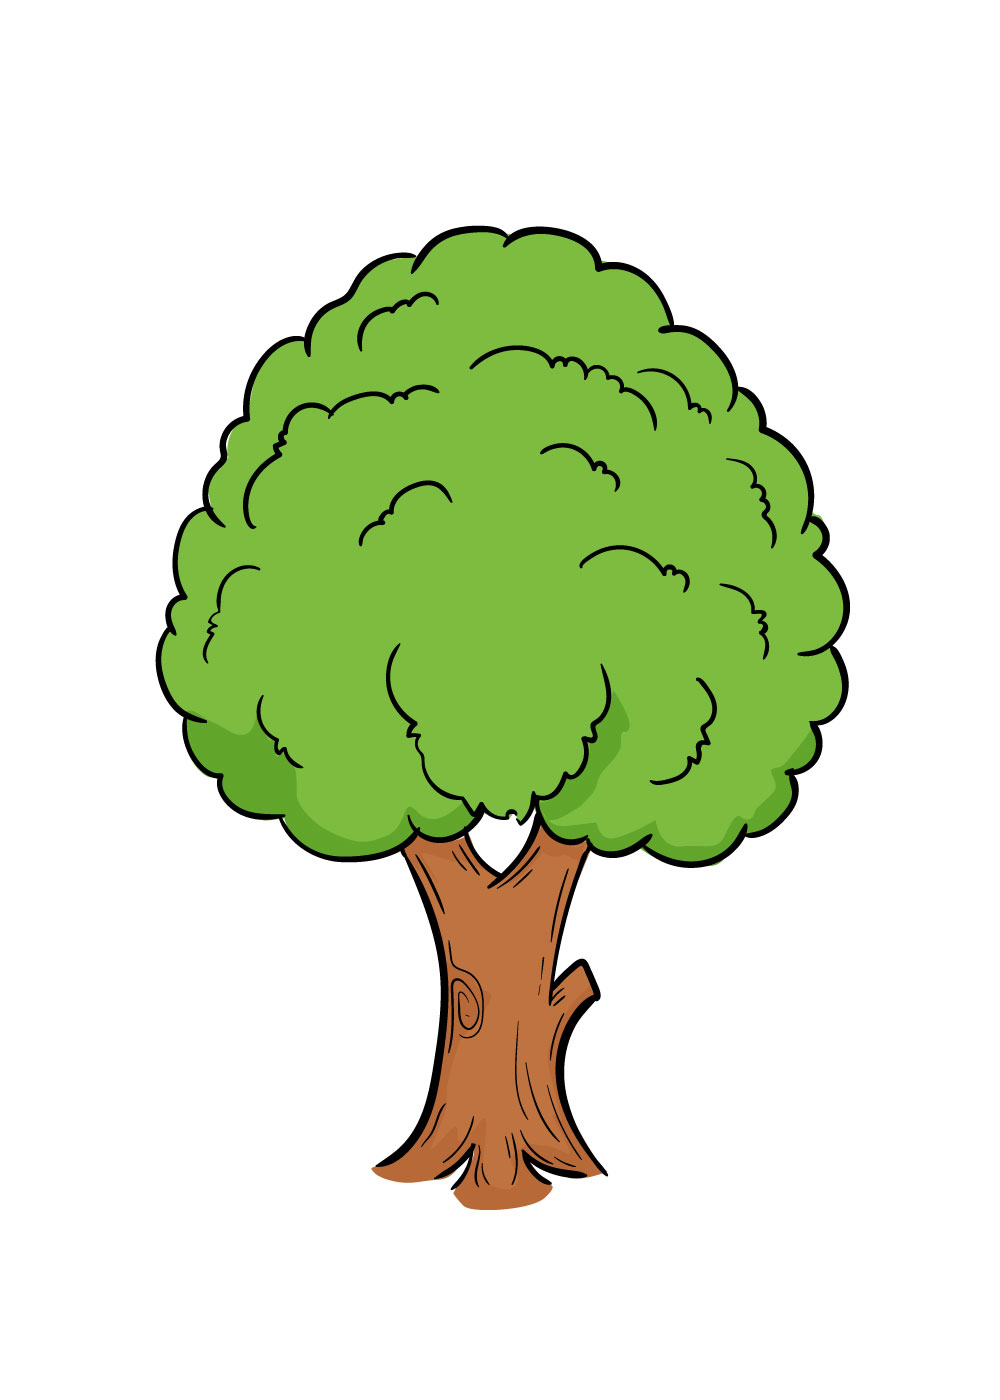 vẽ cây bước 7